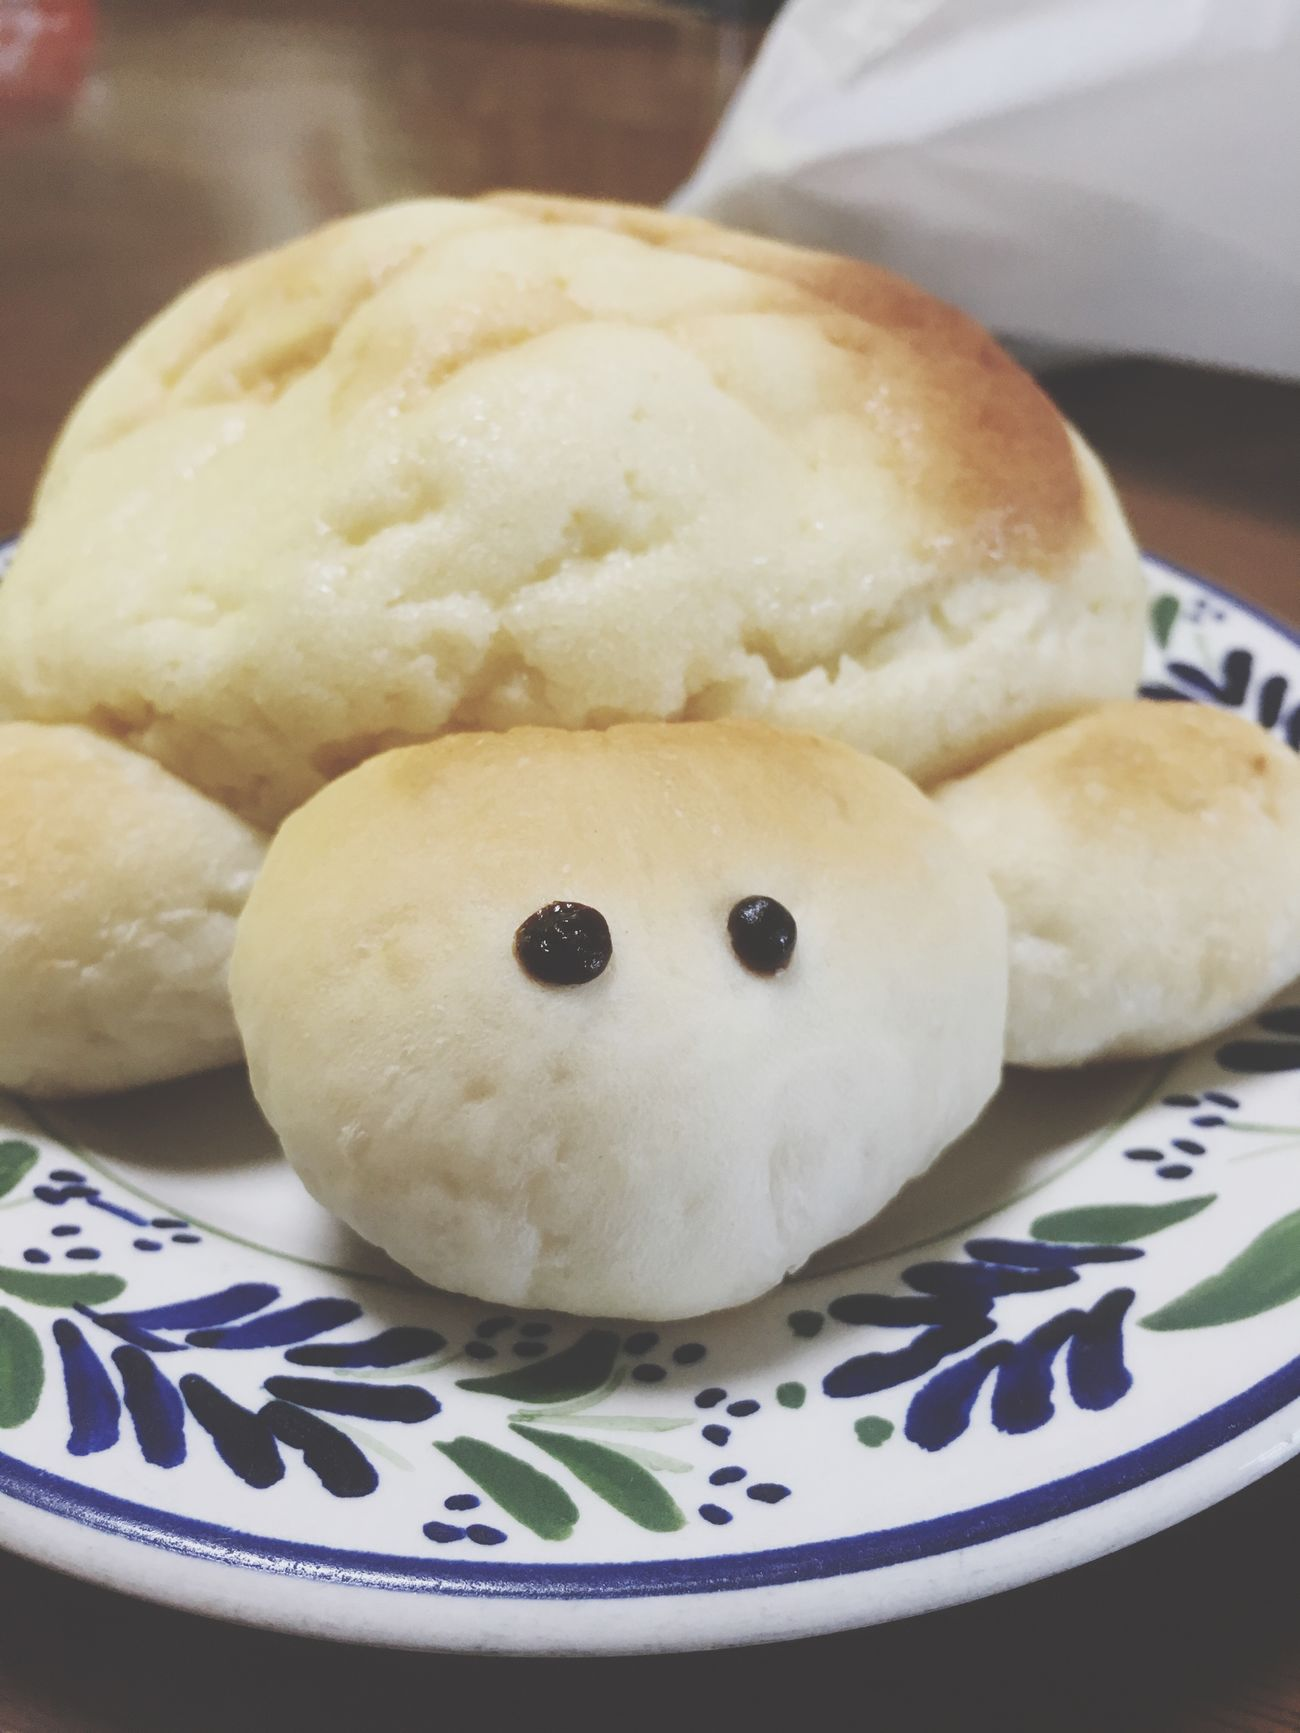 朝っぱらからつぶらな目で見つめられて照れ照れ メロンパン 亀 普通に食べた